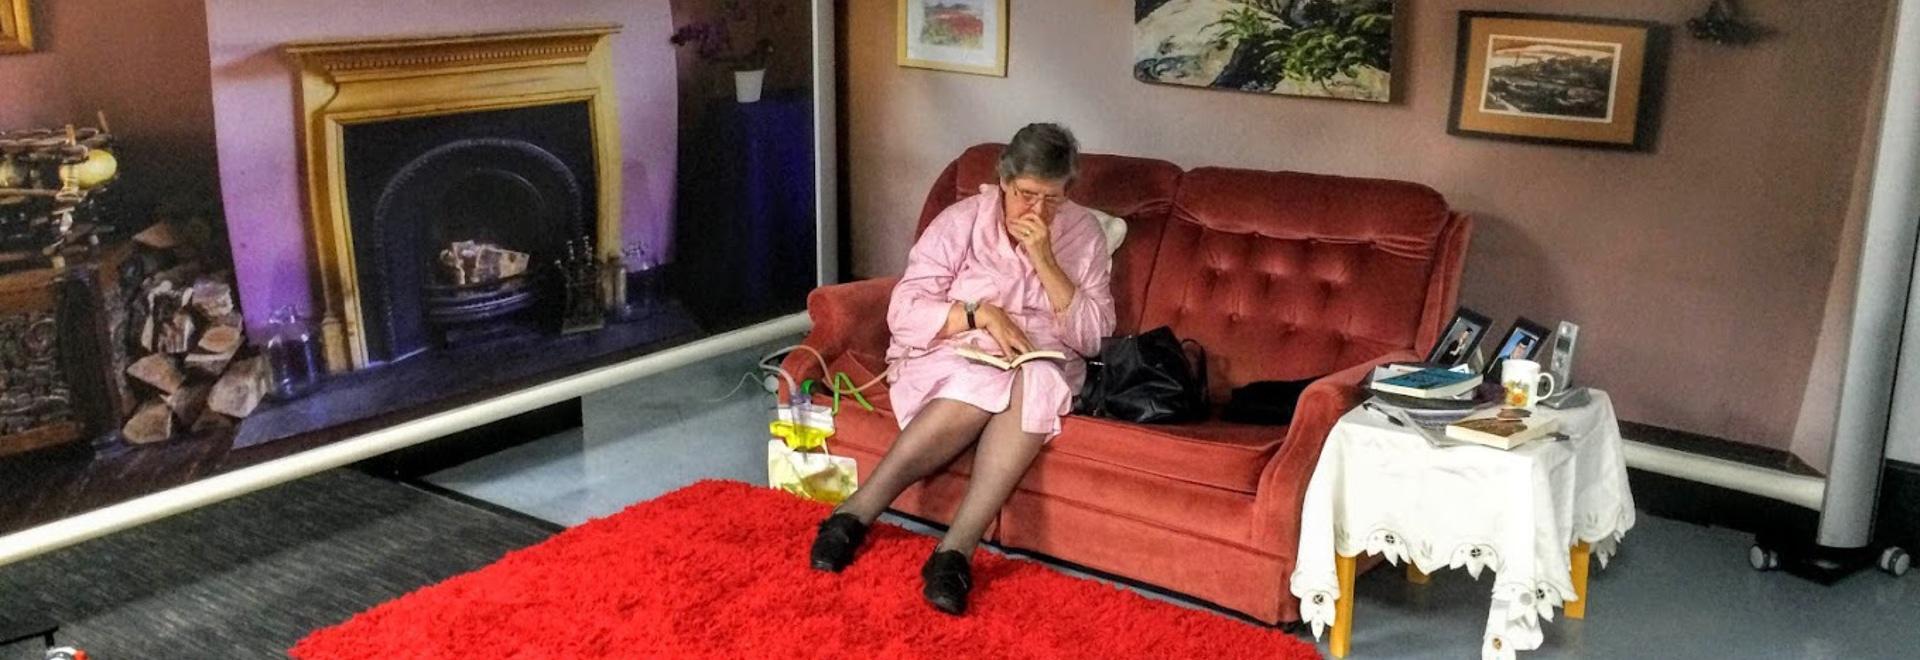 KwickScreens recteating dementia patients' familiar spaces